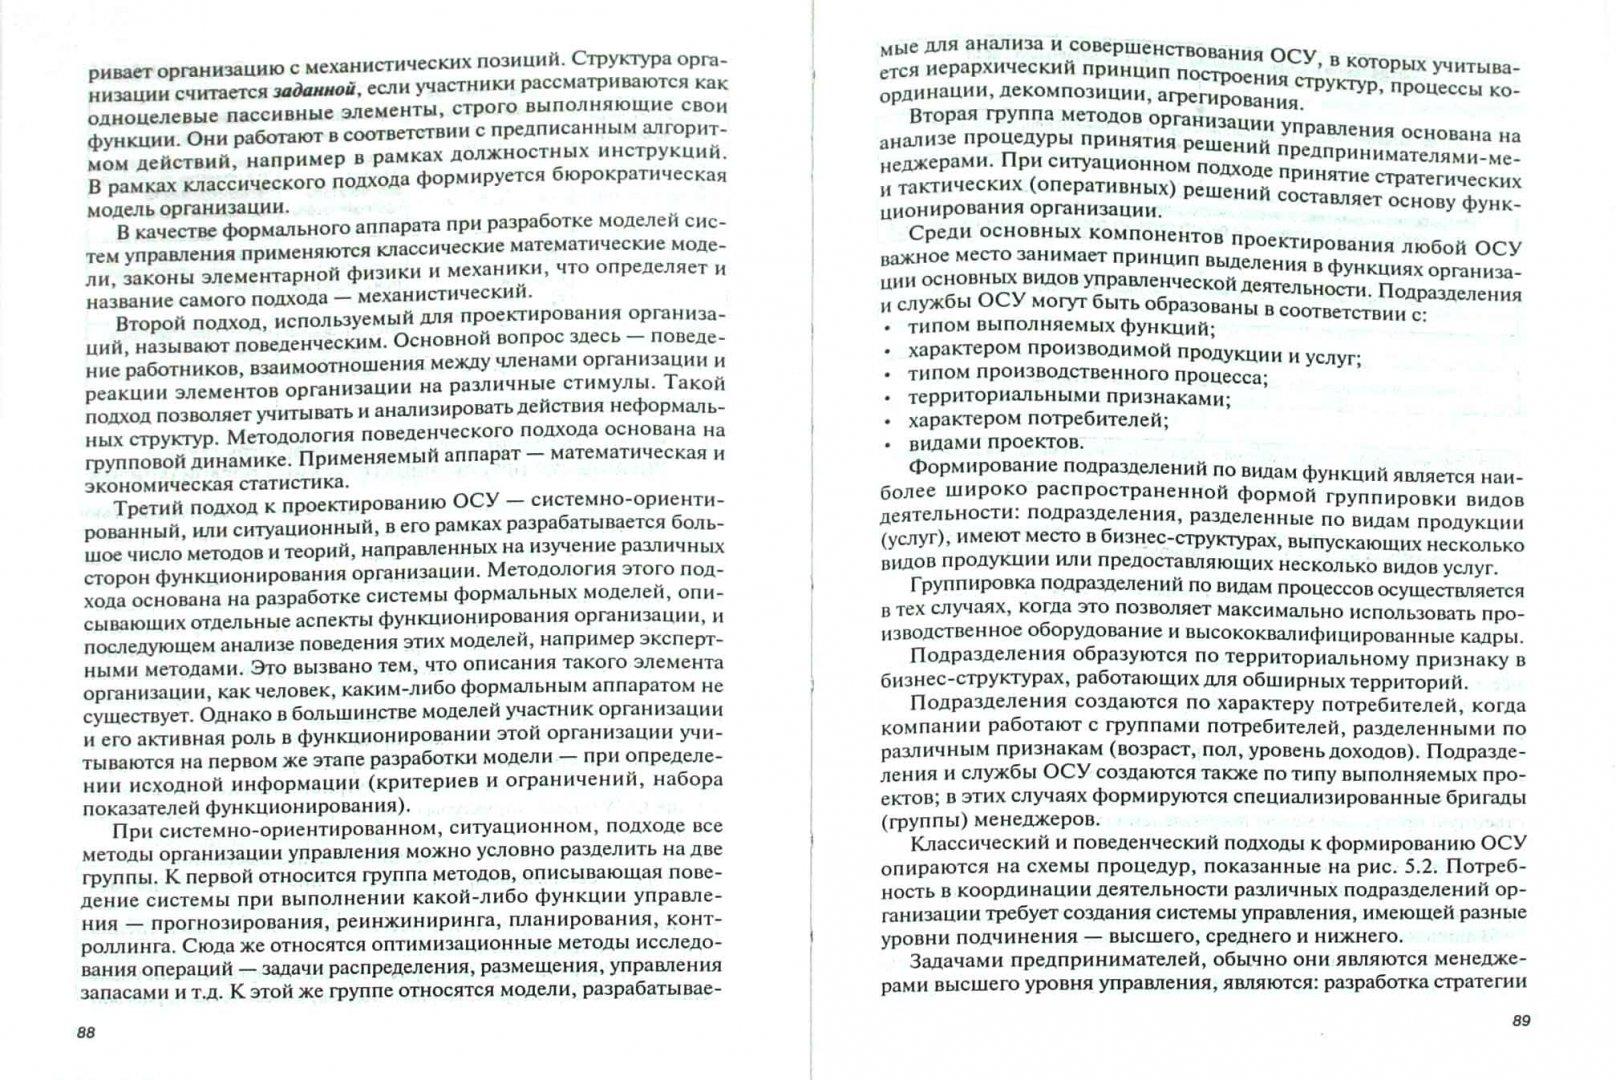 Иллюстрация 1 из 11 для Предпринимательство и бизнес - Переверзев, Лунева | Лабиринт - книги. Источник: Лабиринт